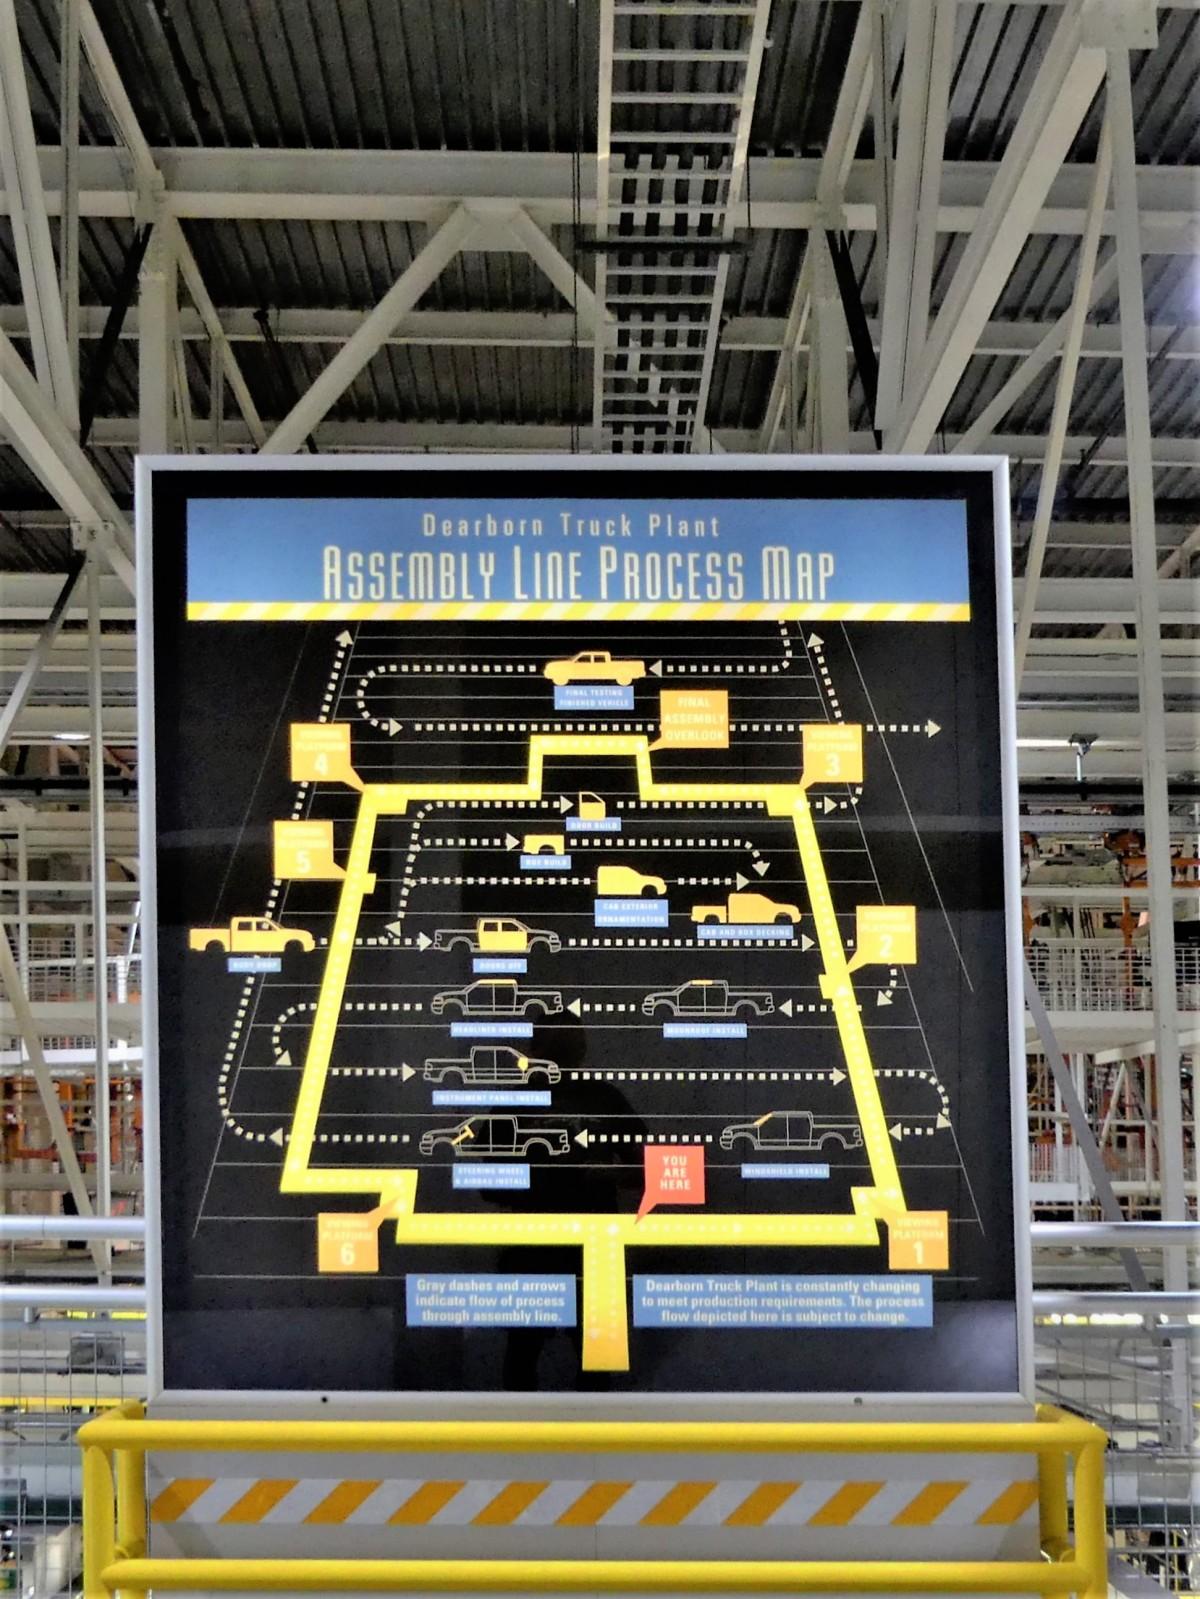 Assembly line process